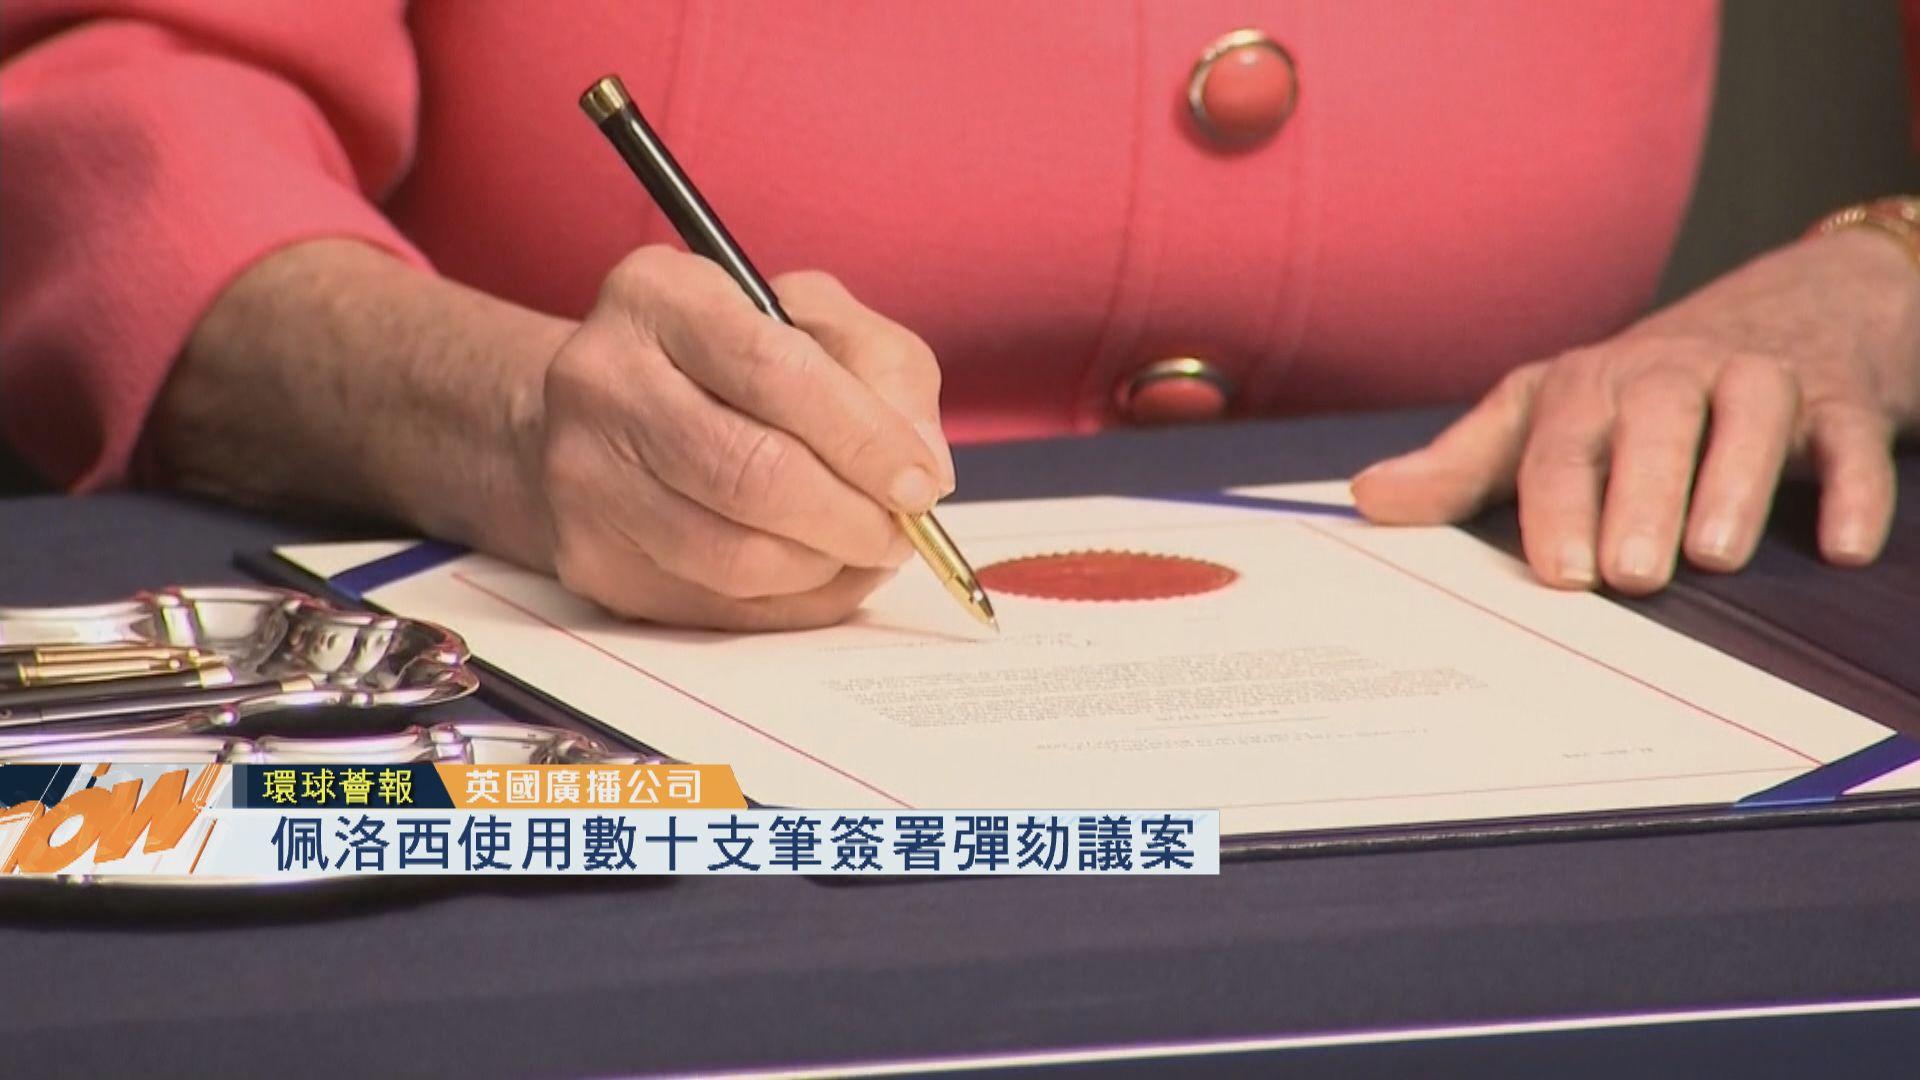 【環球薈報】佩洛西使用數十支筆簽署彈劾議案